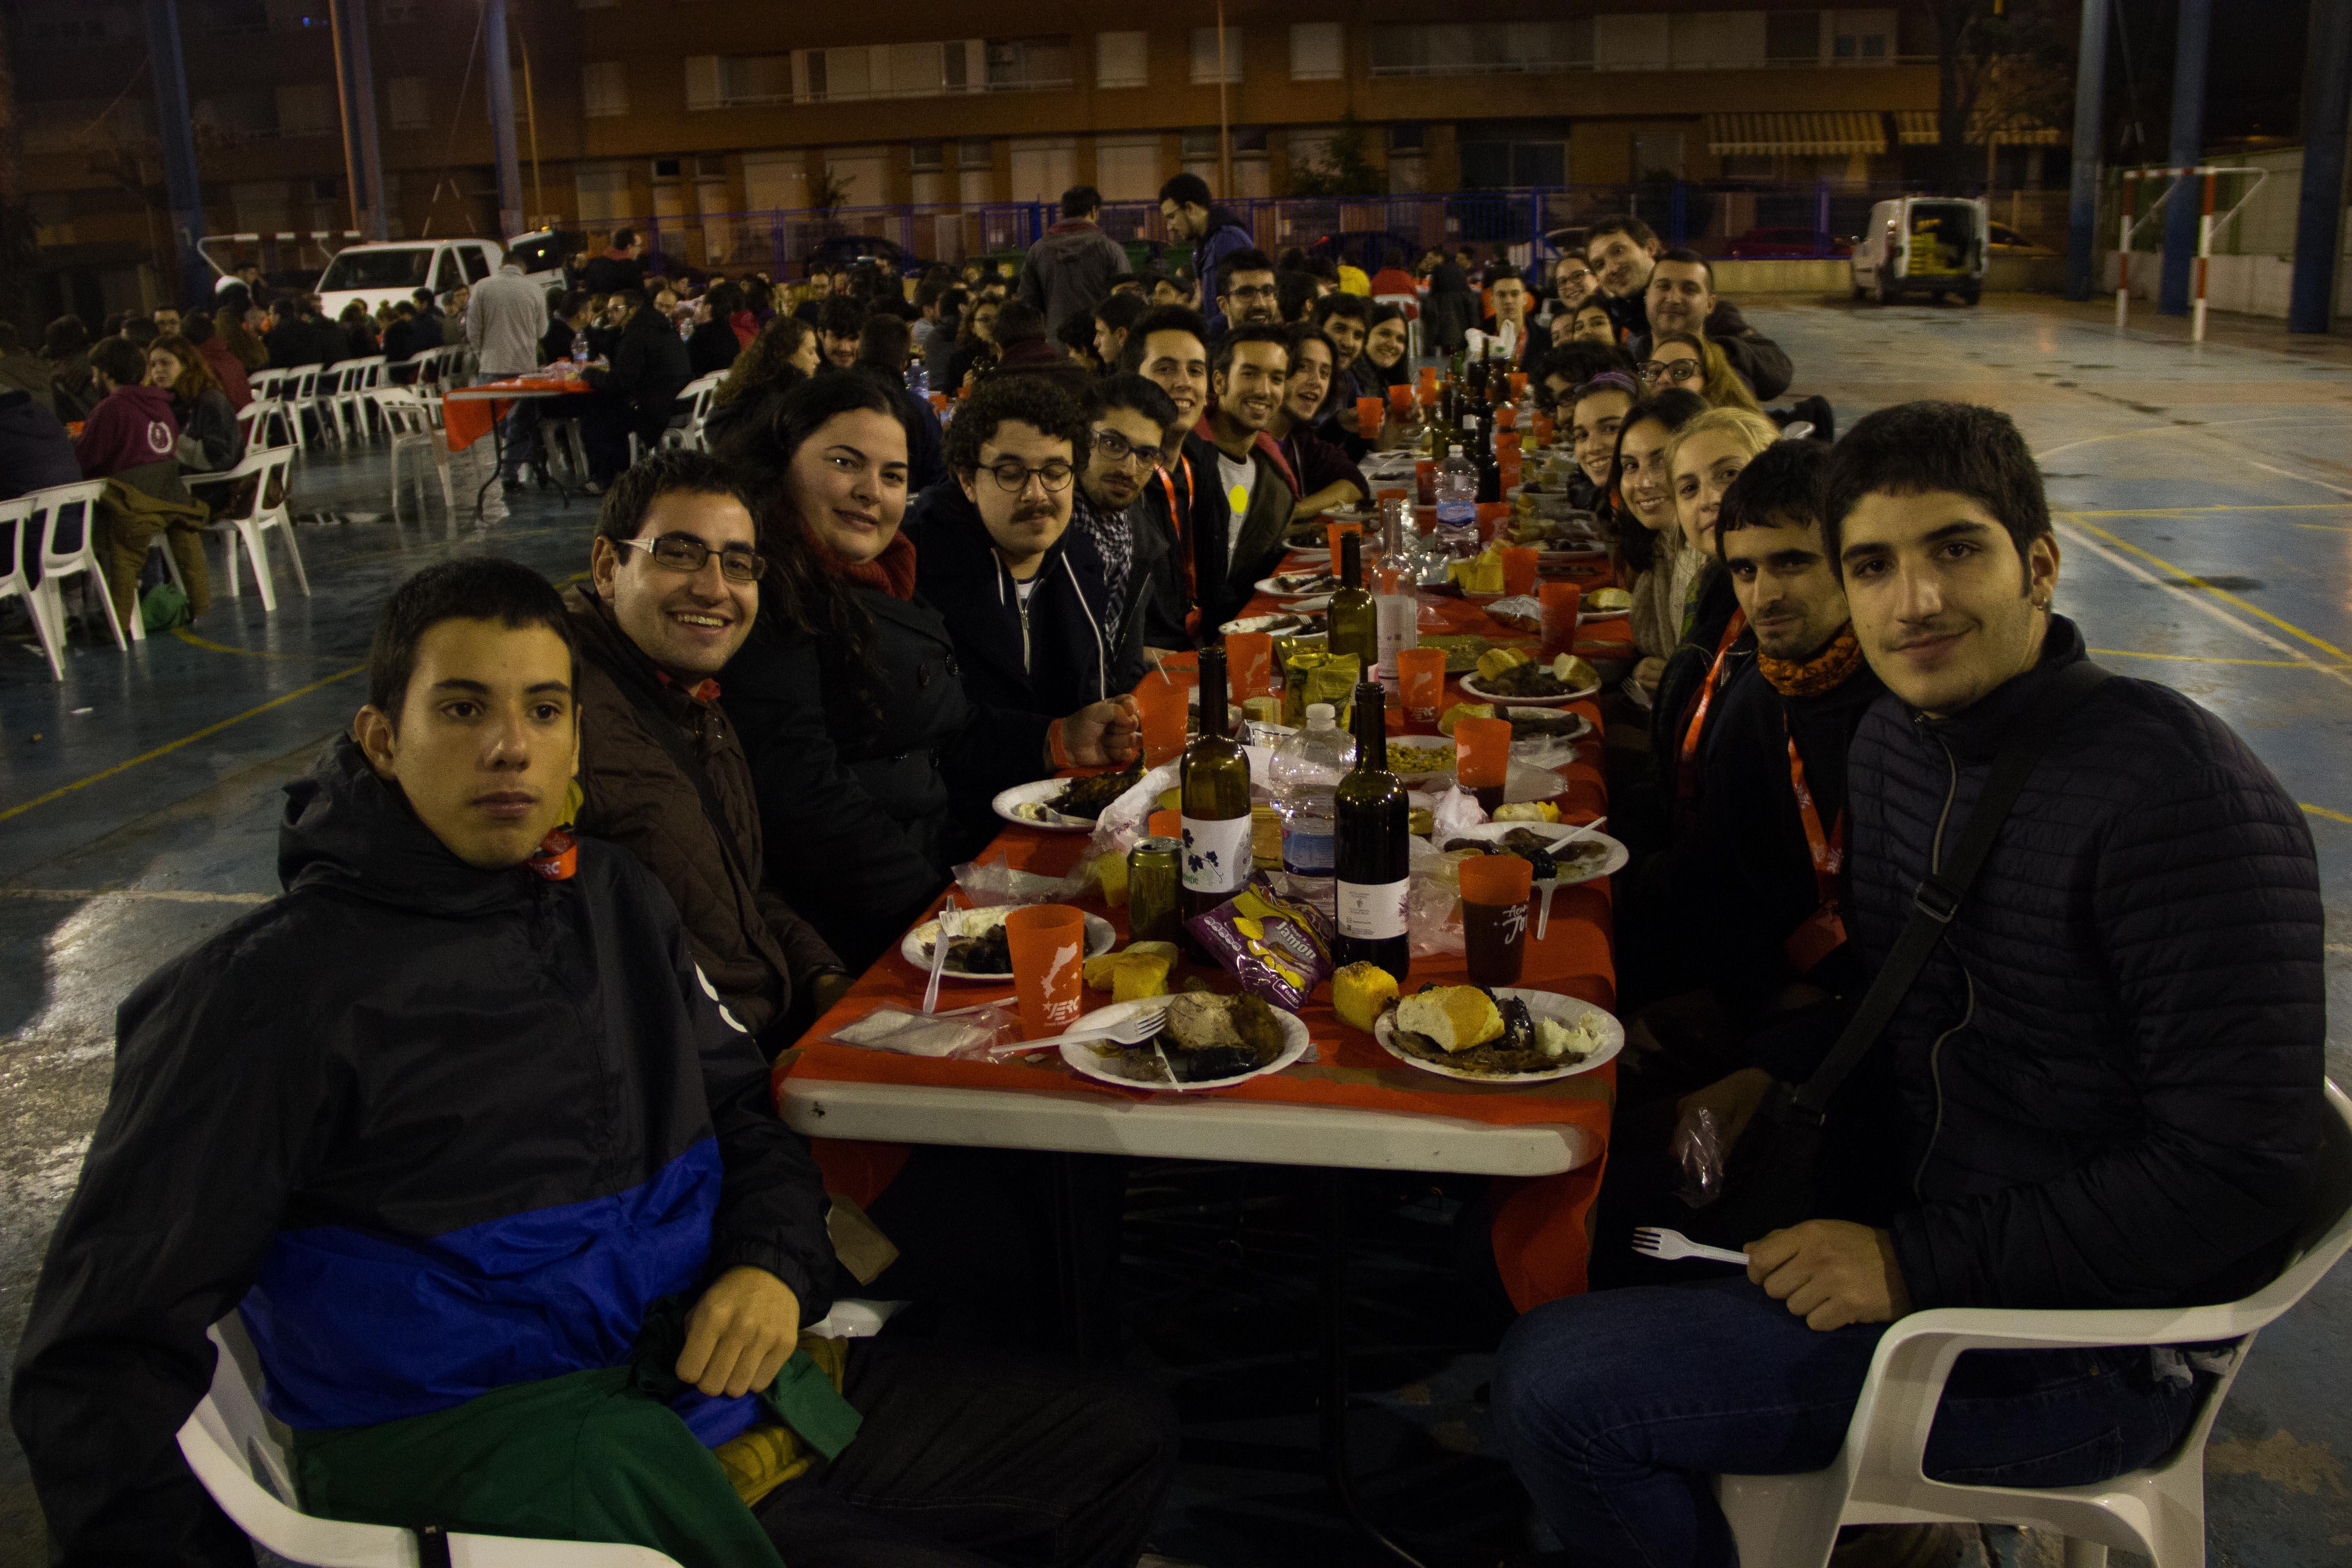 20161129200148_20161127_Congres-Nacional-JERC-Benicarlo_31_Marc-Tiendajpg.jpg